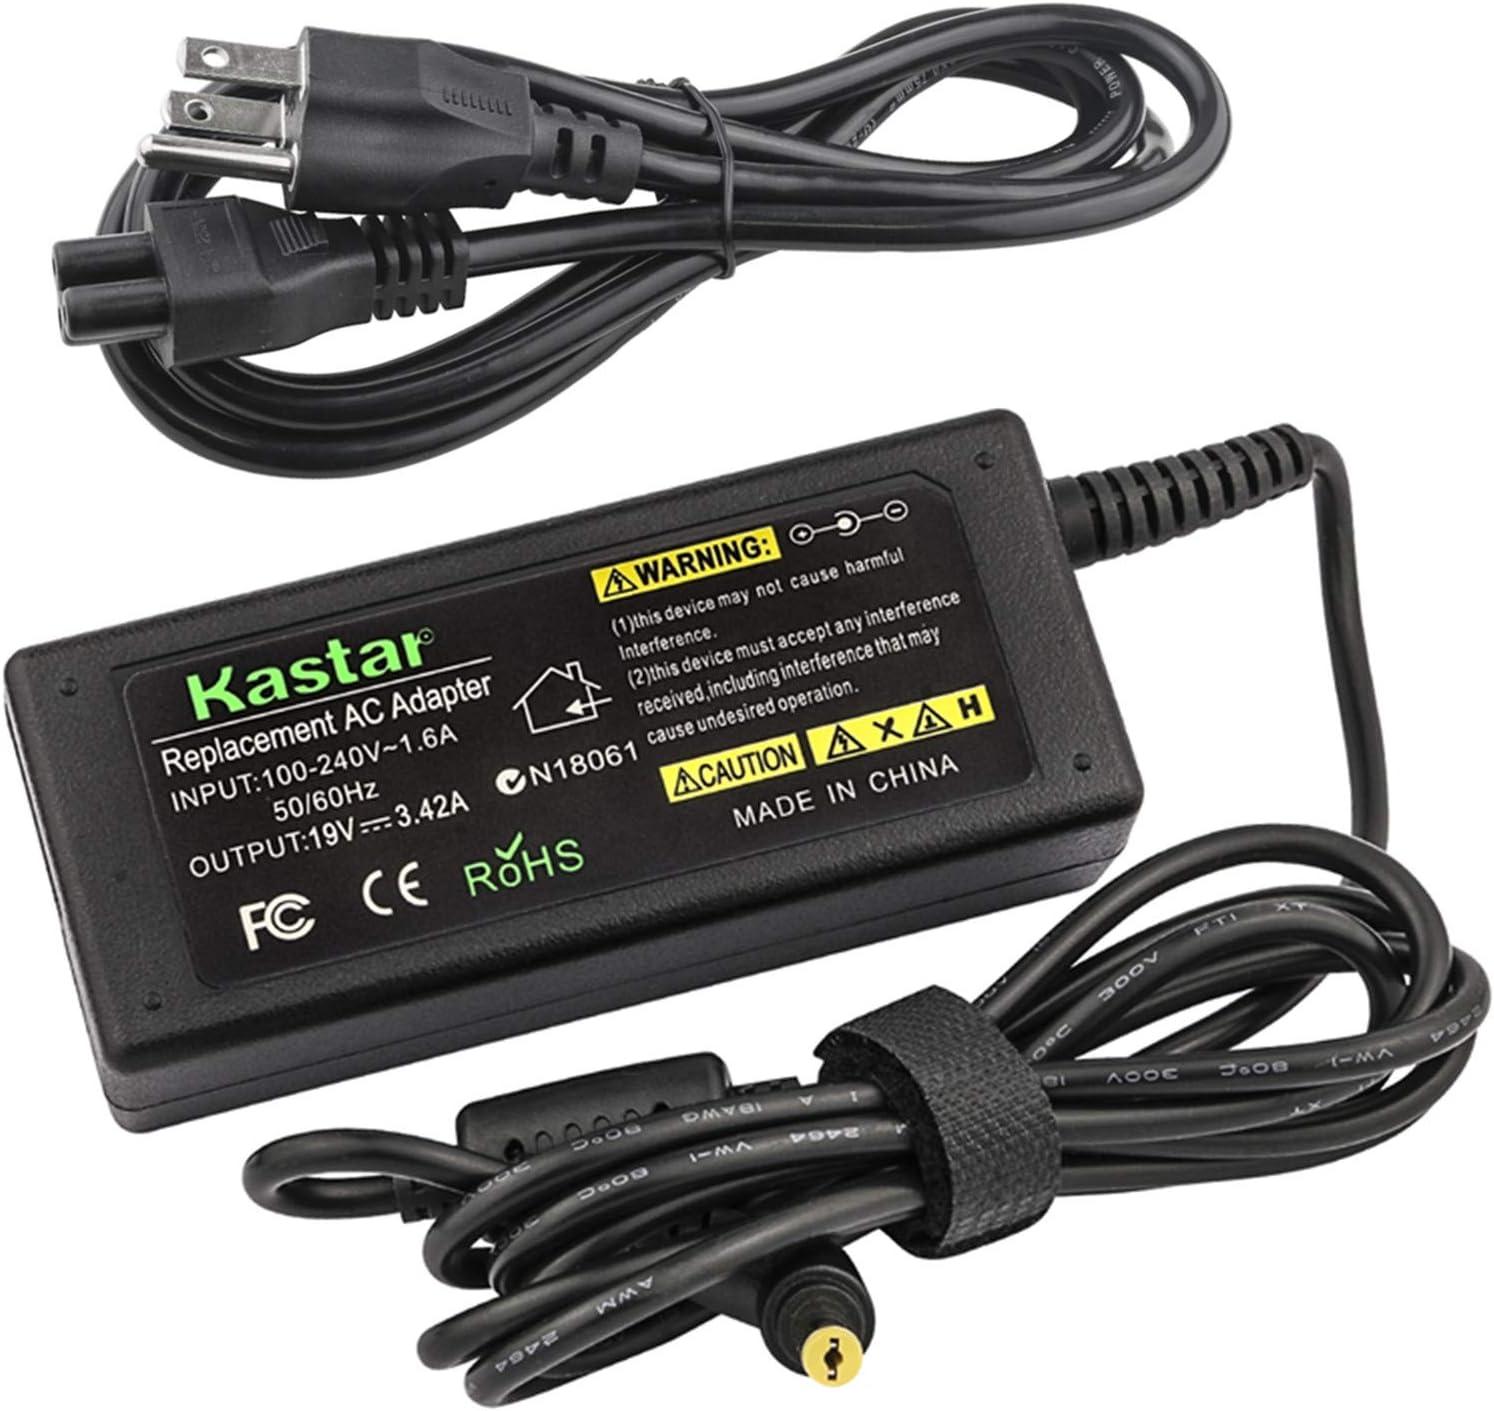 Ac Adapter Battery Charger For Acer Emachines E430 E440 E442 E510 E520 E525 E528 E620 E627 E628 E630 E640 E640g E642 E642g E720 E725 E727 E728 E730 E730g E730z E730zg E732 E732g E732z E732zg